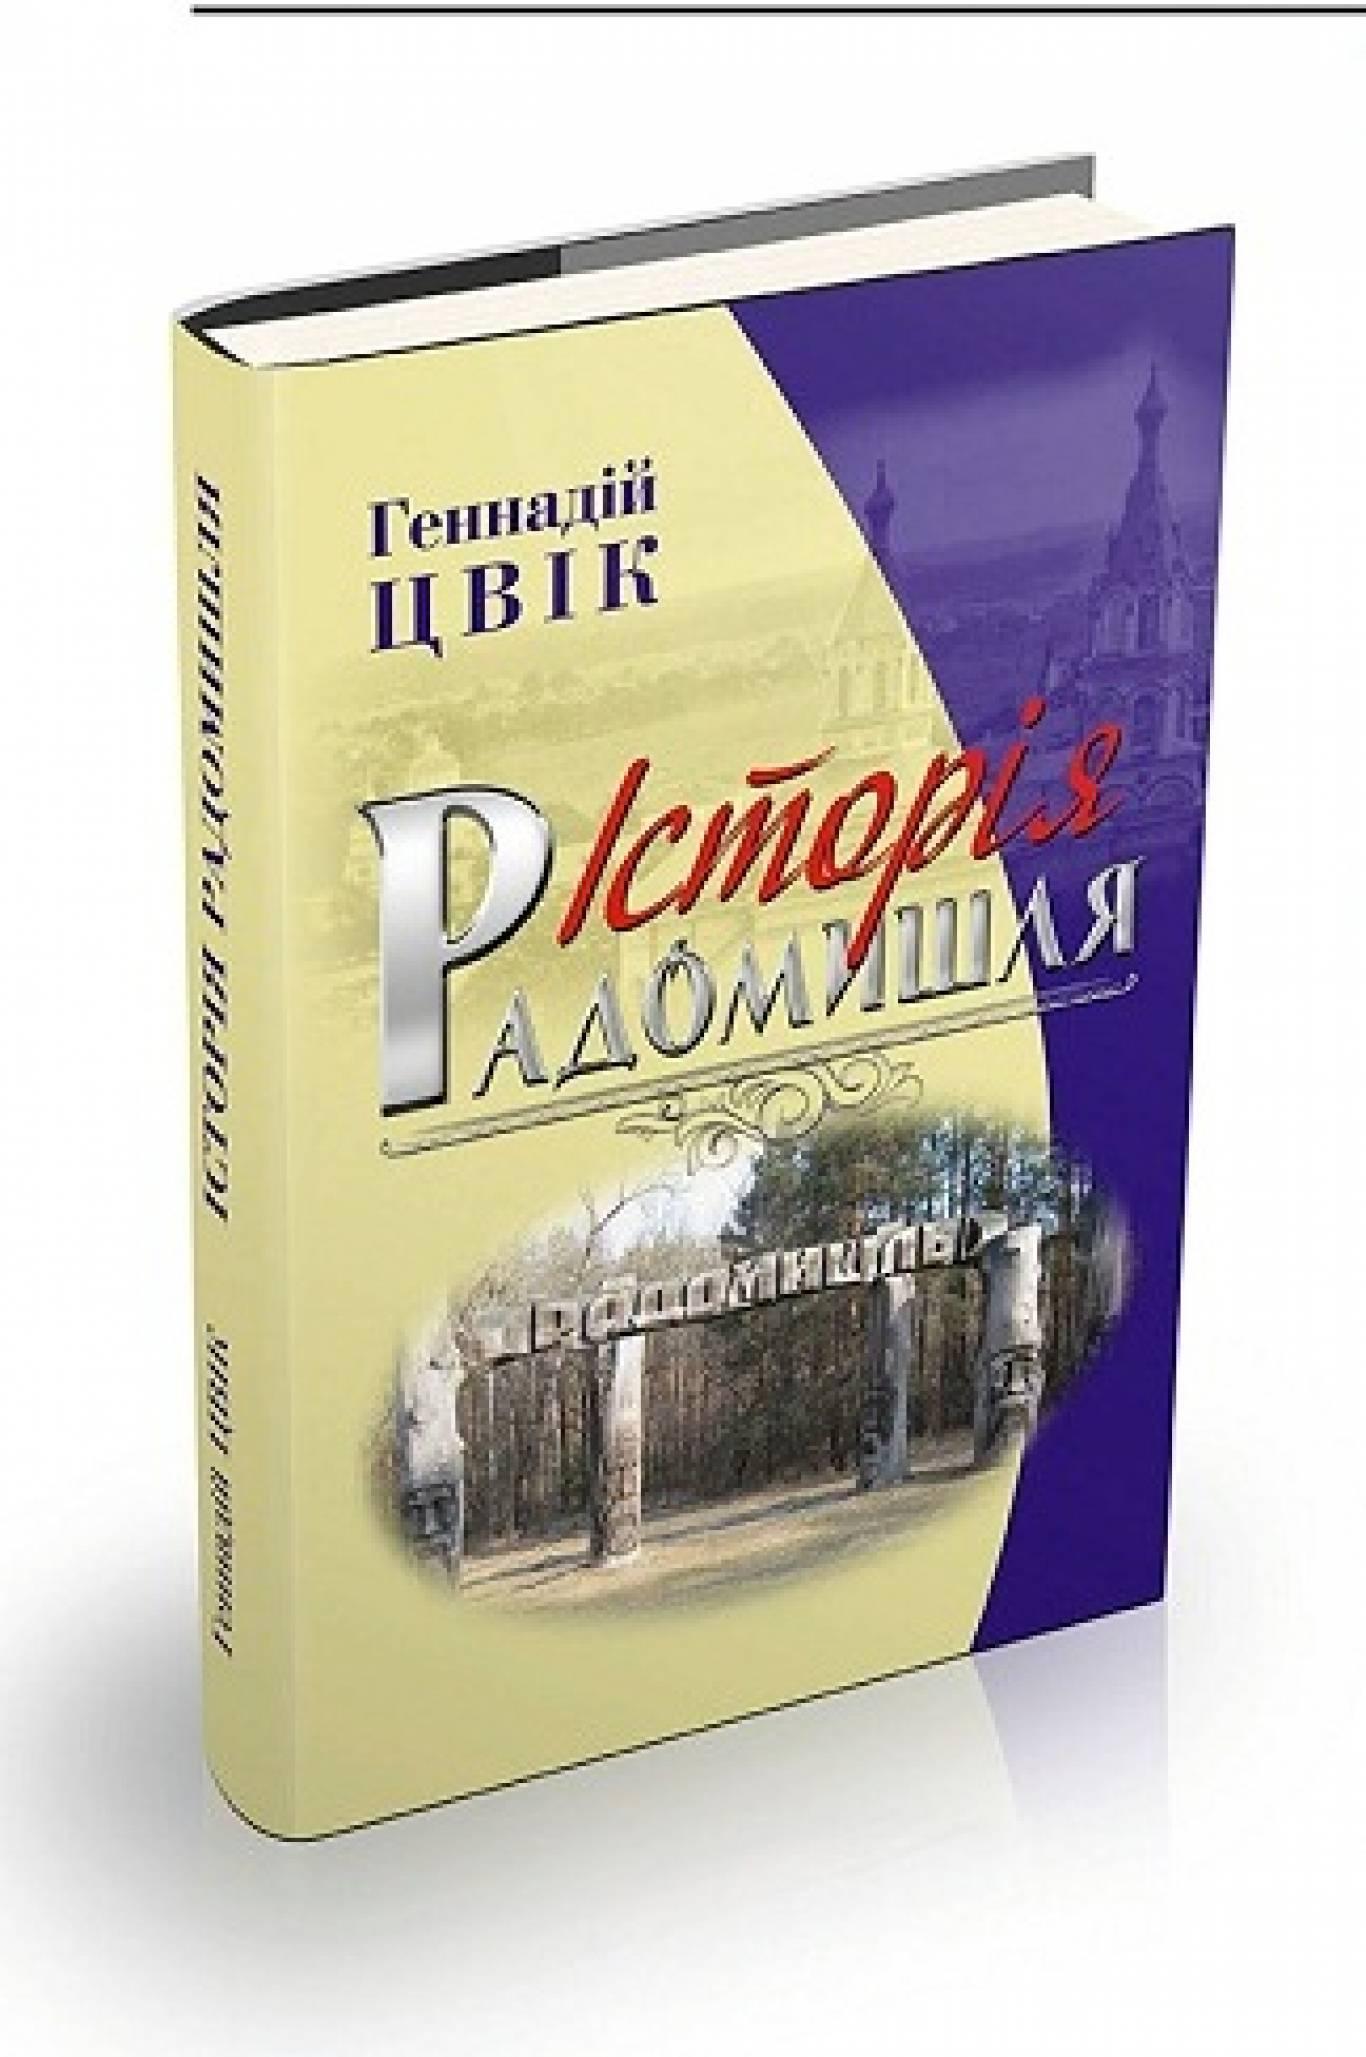 Презентація книги нарисів із історії Радомишля Геннадія Цвіка